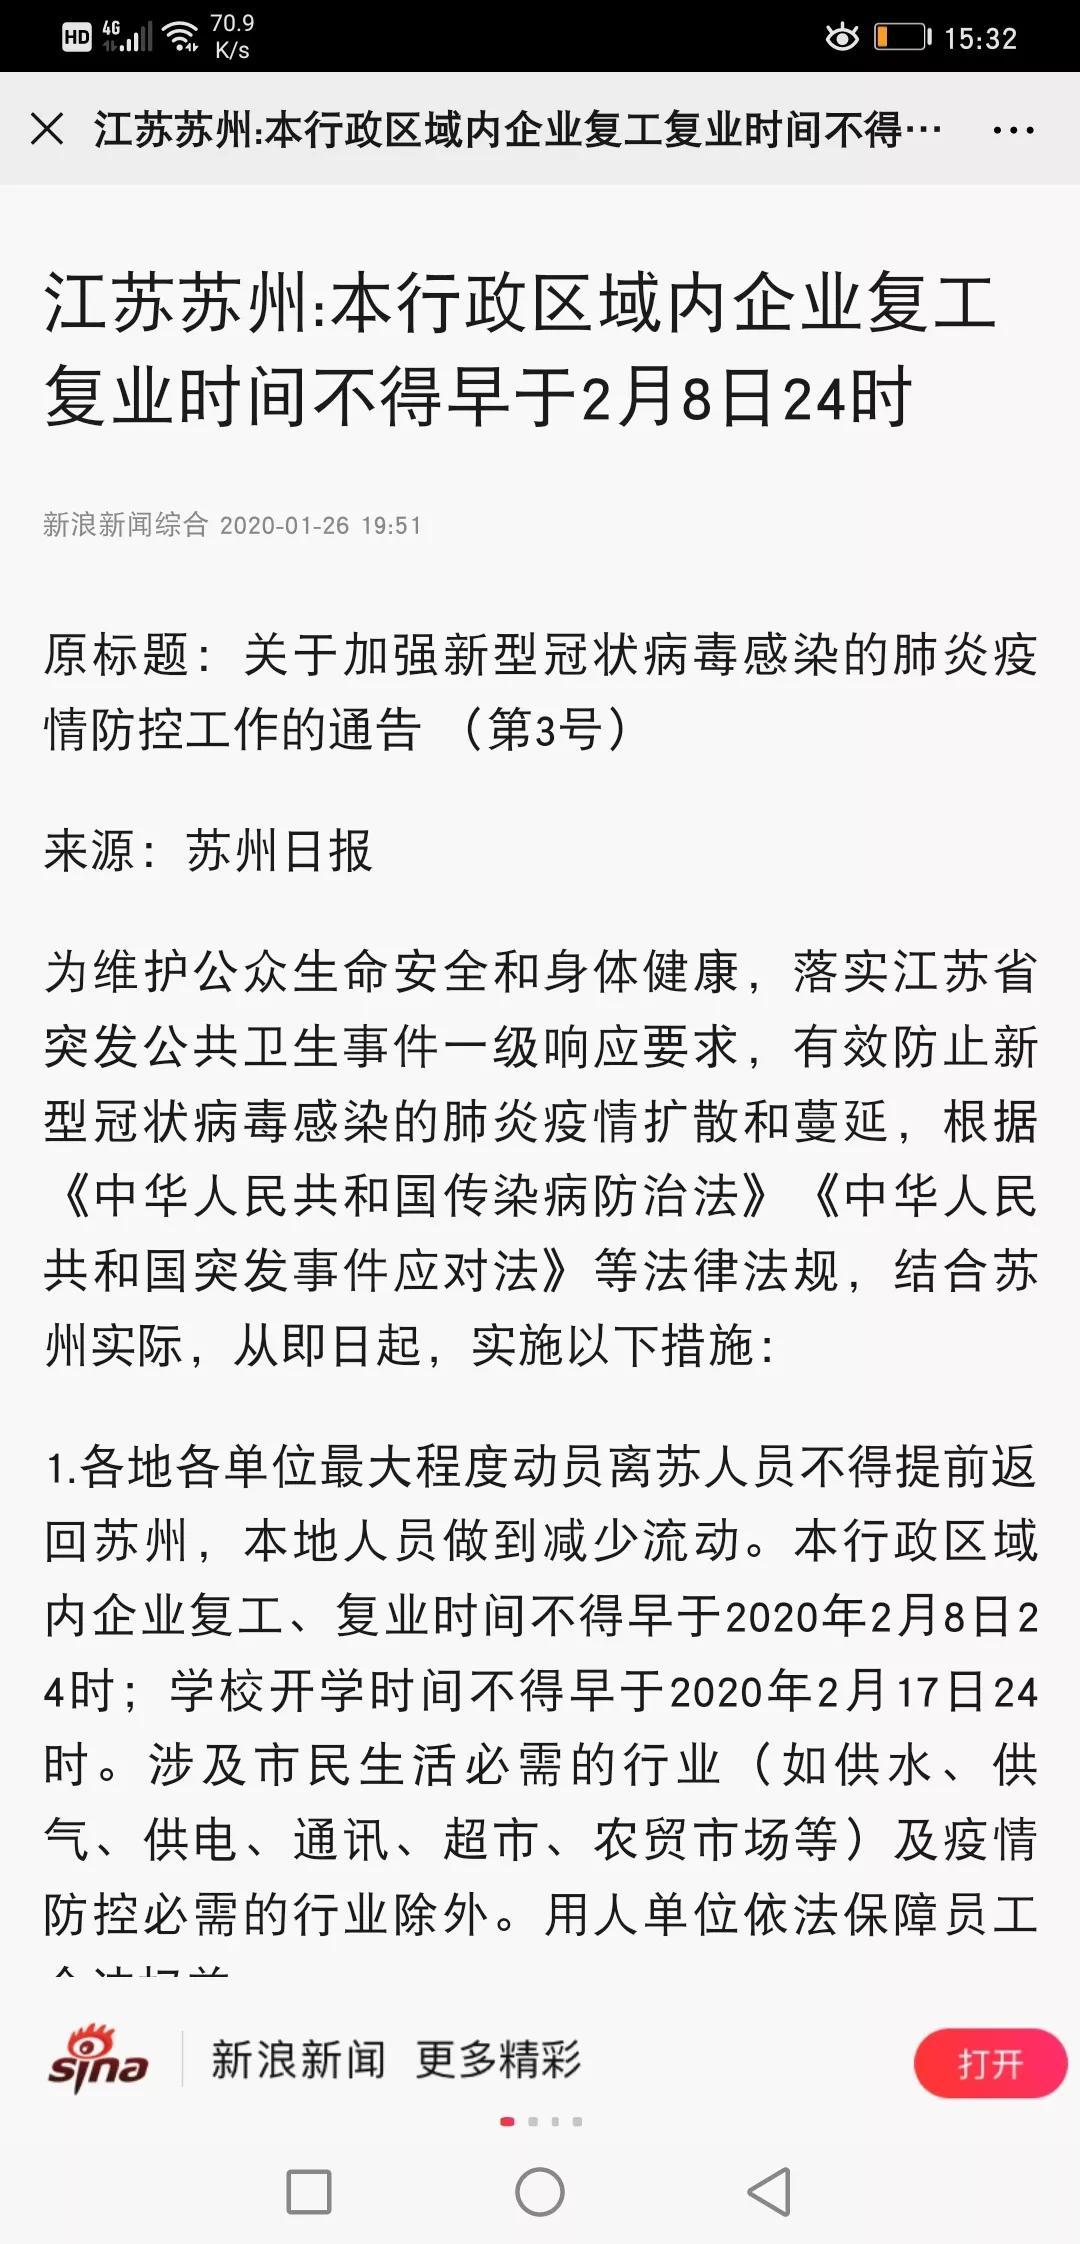 延长春节假期通知发布,多地跟进,没跟进的请稍安,这没什么好比的!